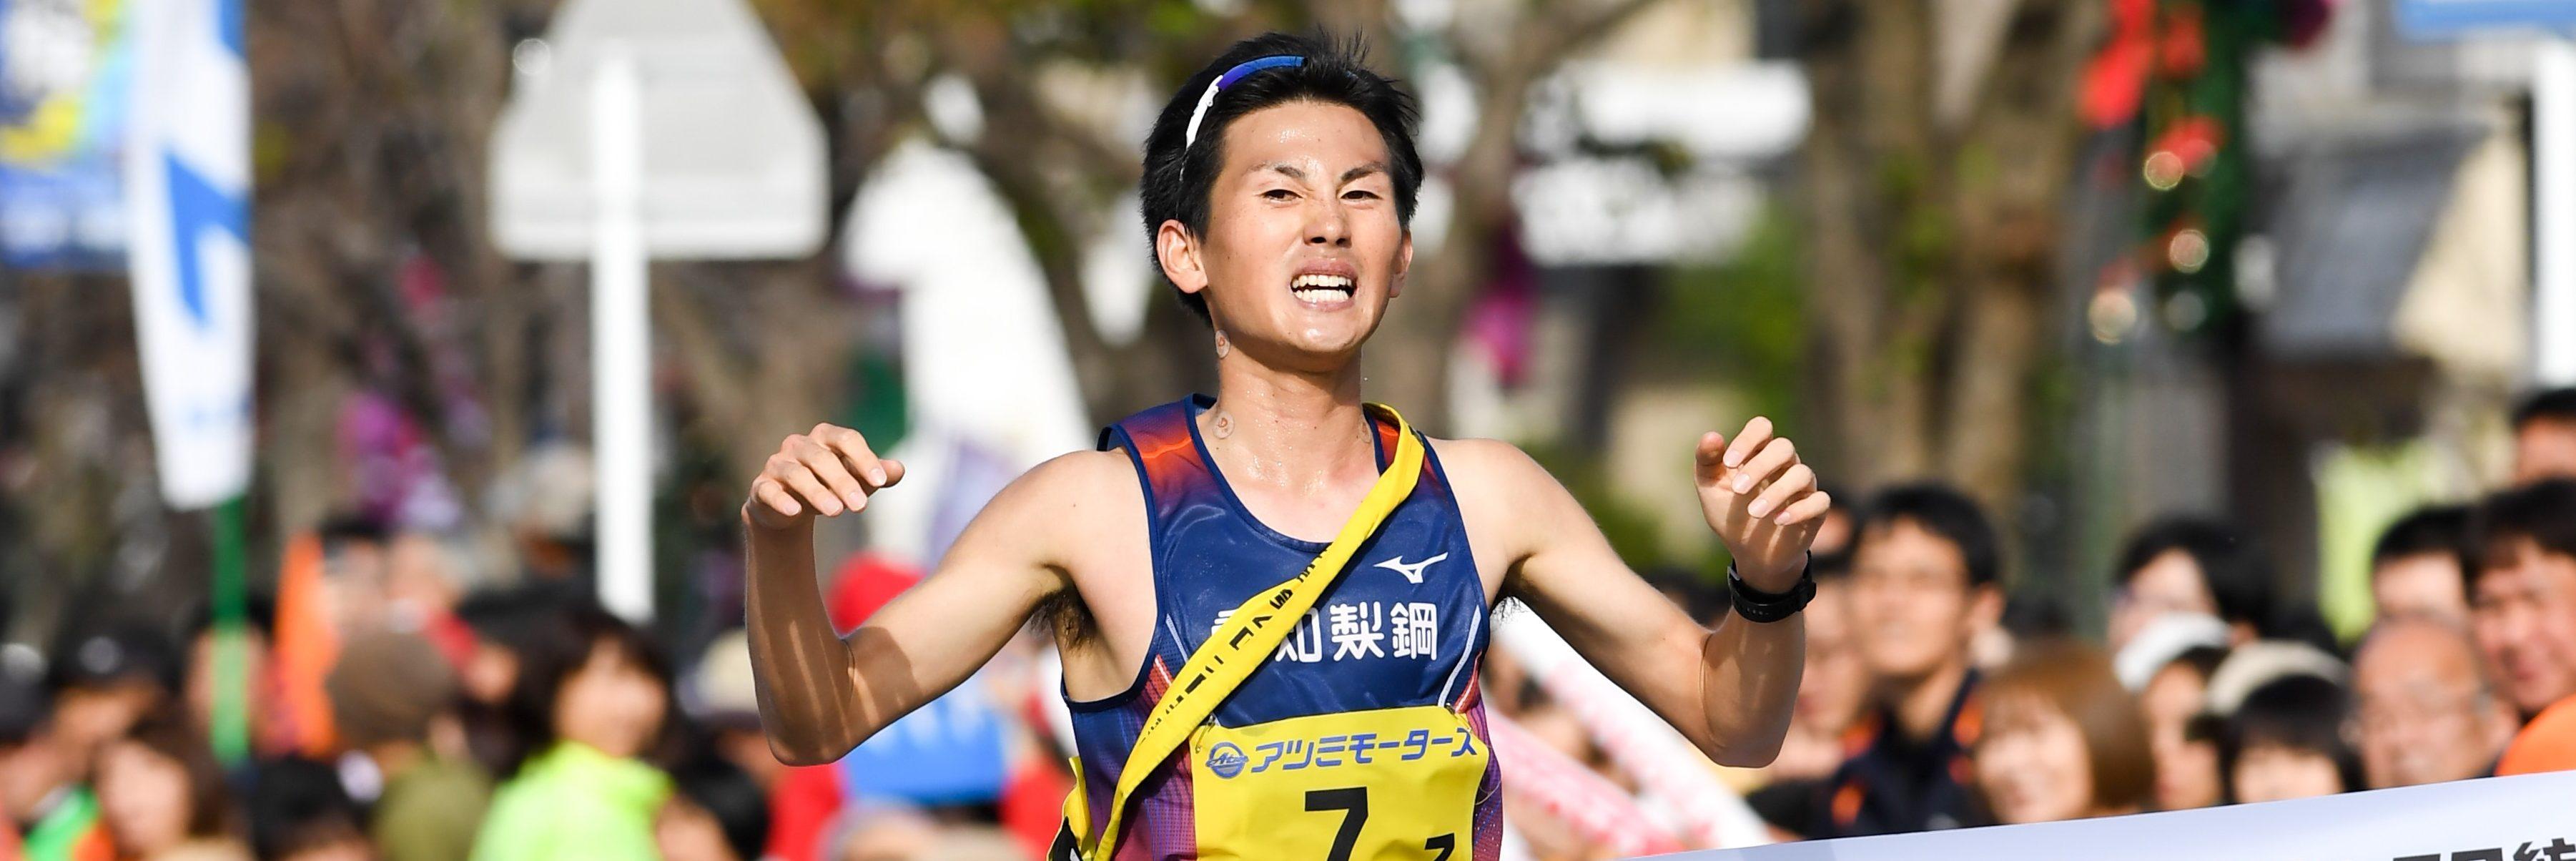 日本の陸上競技の実業団の一覧